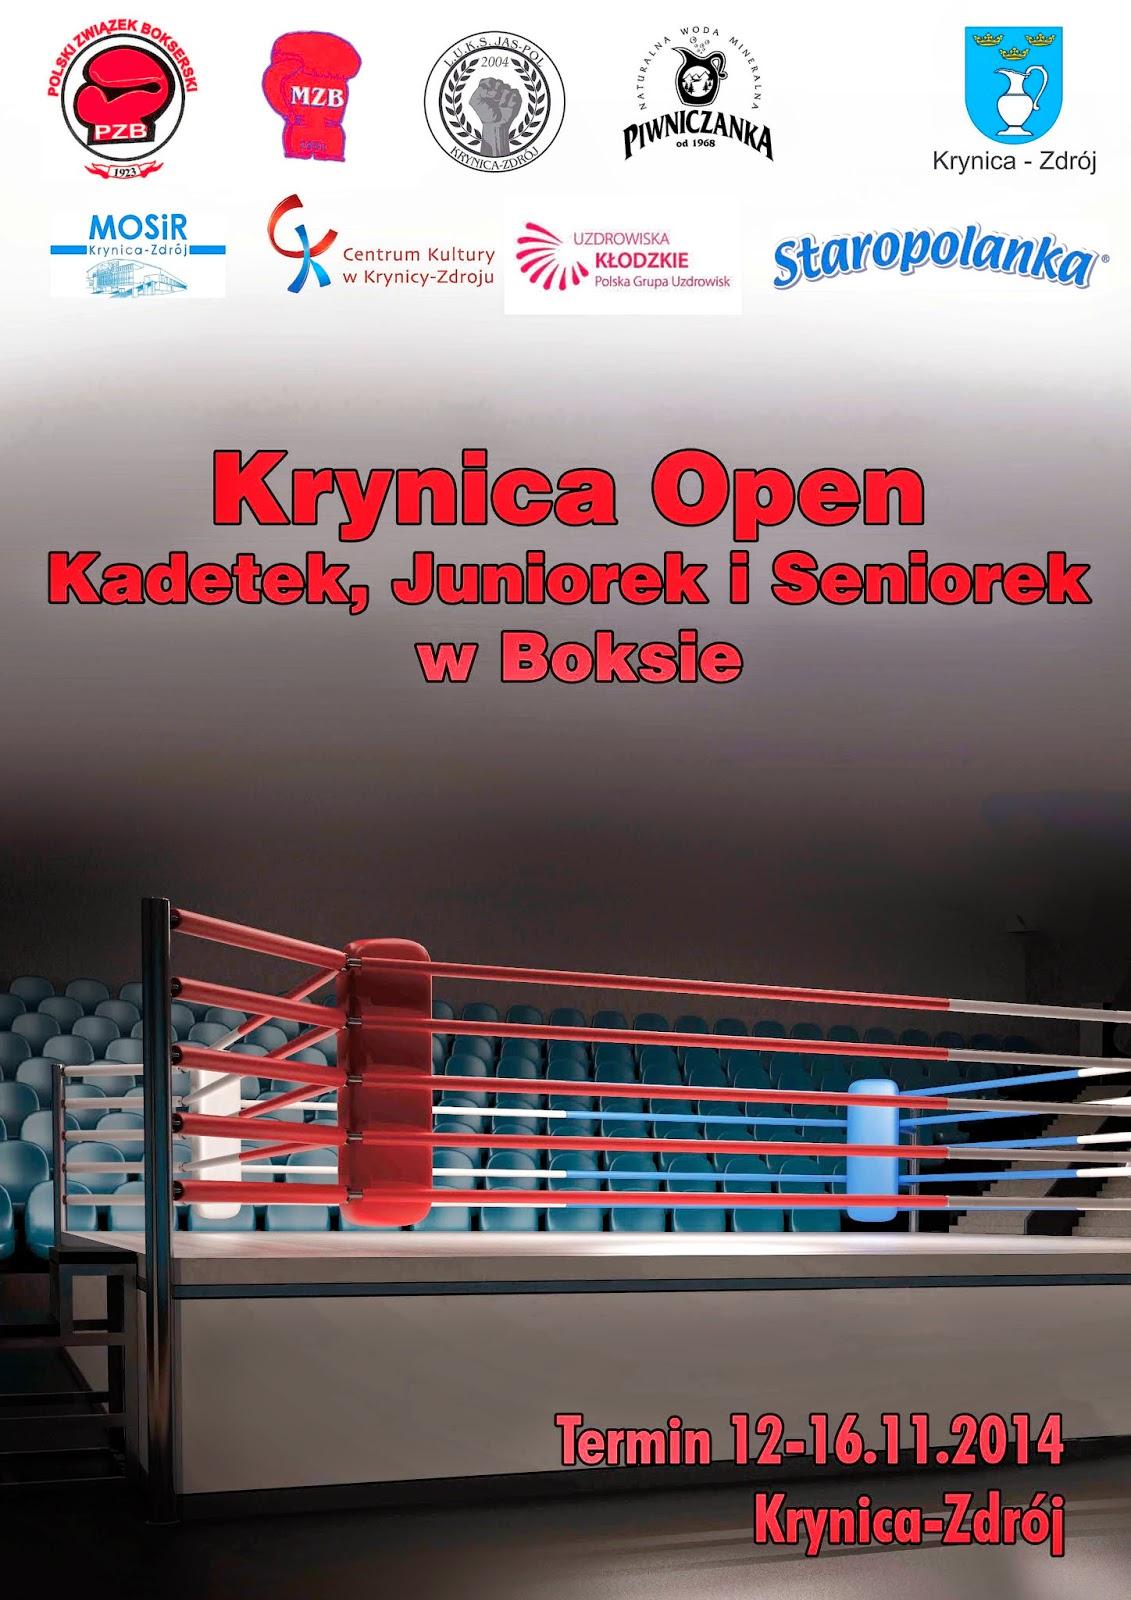 Krynica Zdrój, boks kobiet, pięściarki, trening, wyjazdy, sport, Zielona Góra, zawody sportowe,